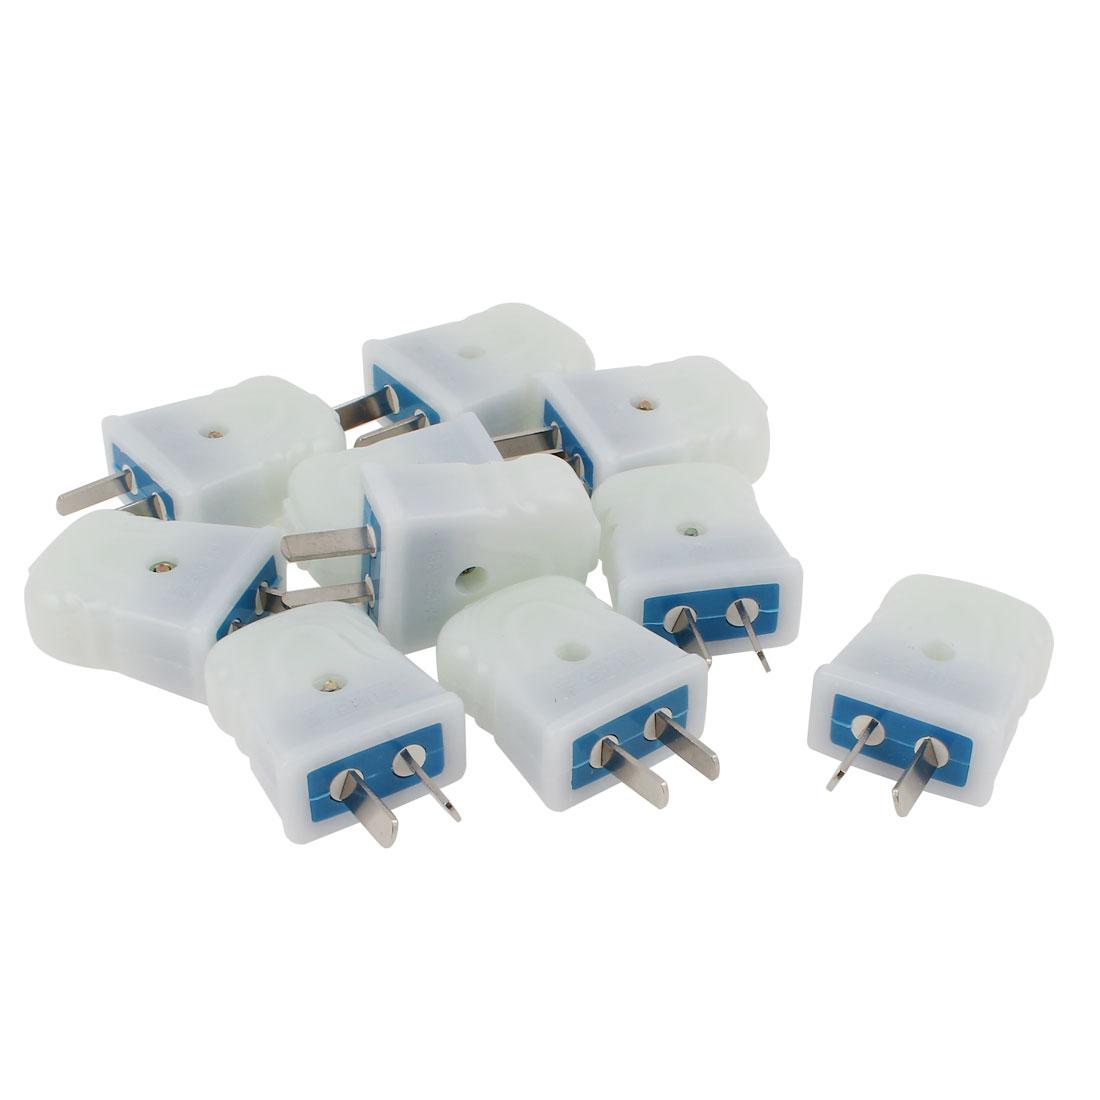 10pcs US AU Rotation Plug Rewirable Power Cable Connector AC 250V 16A